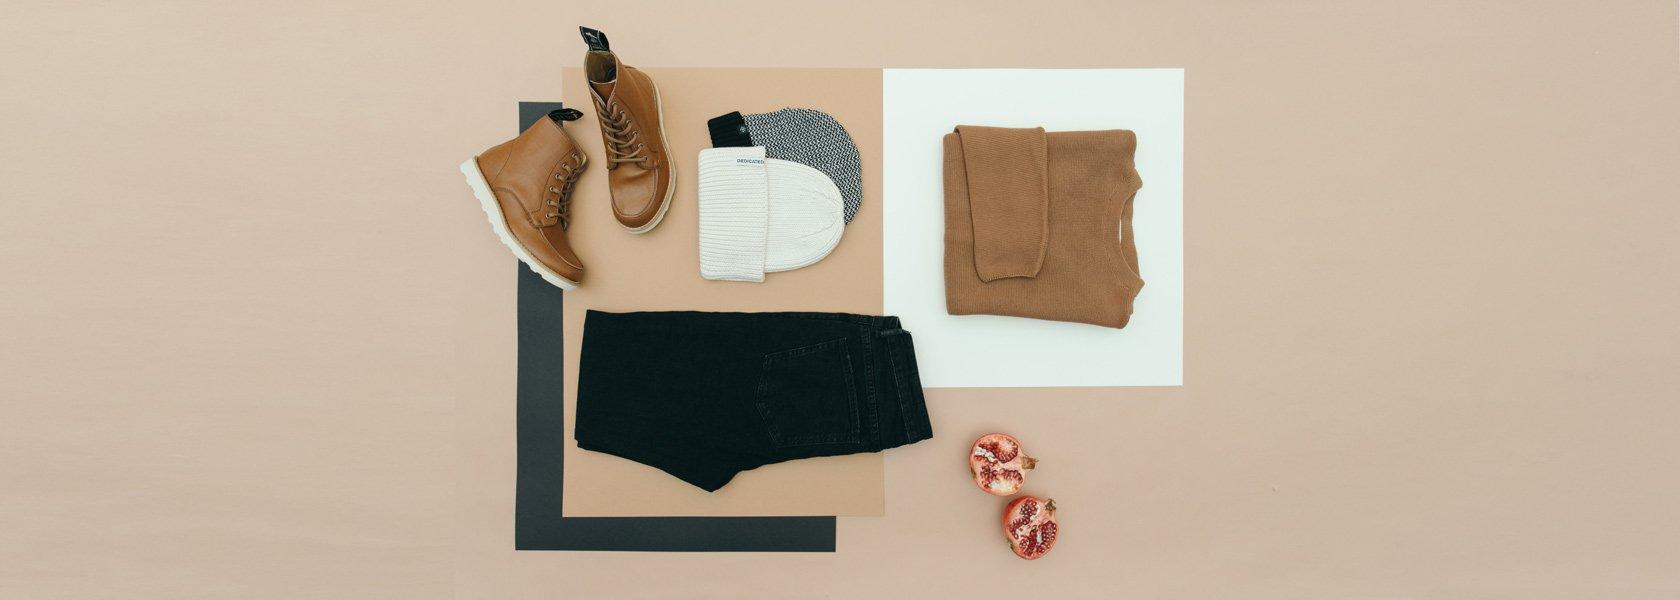 Ökologische Mode und Schuhe